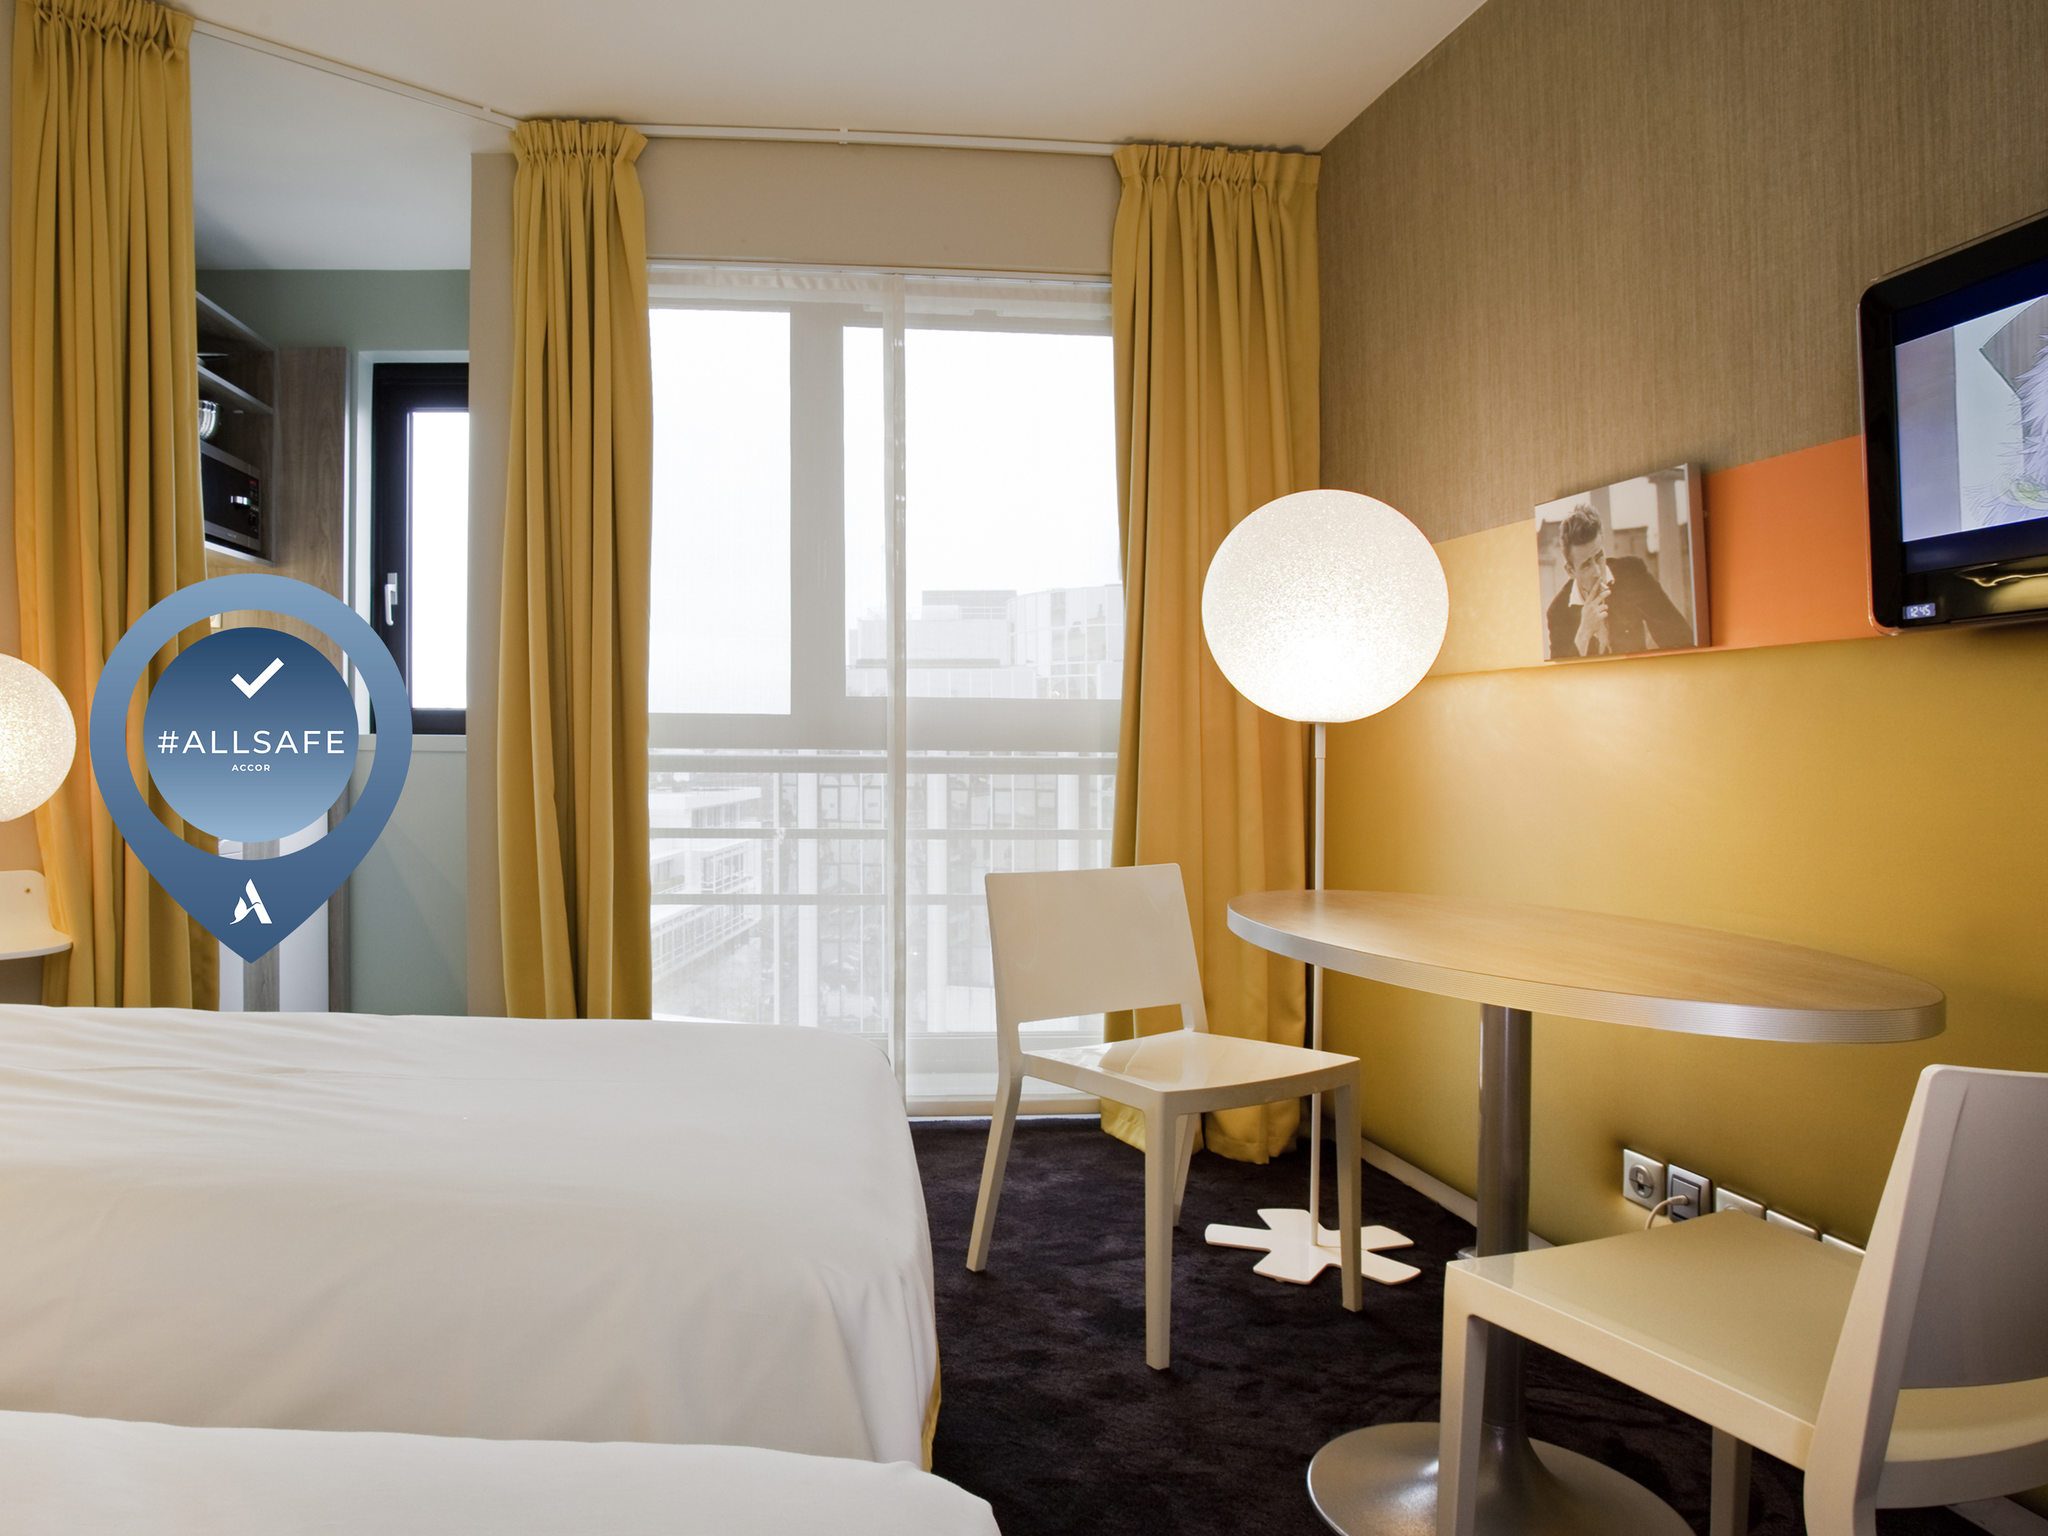 酒店 – 巴黎布洛涅美居公寓酒店